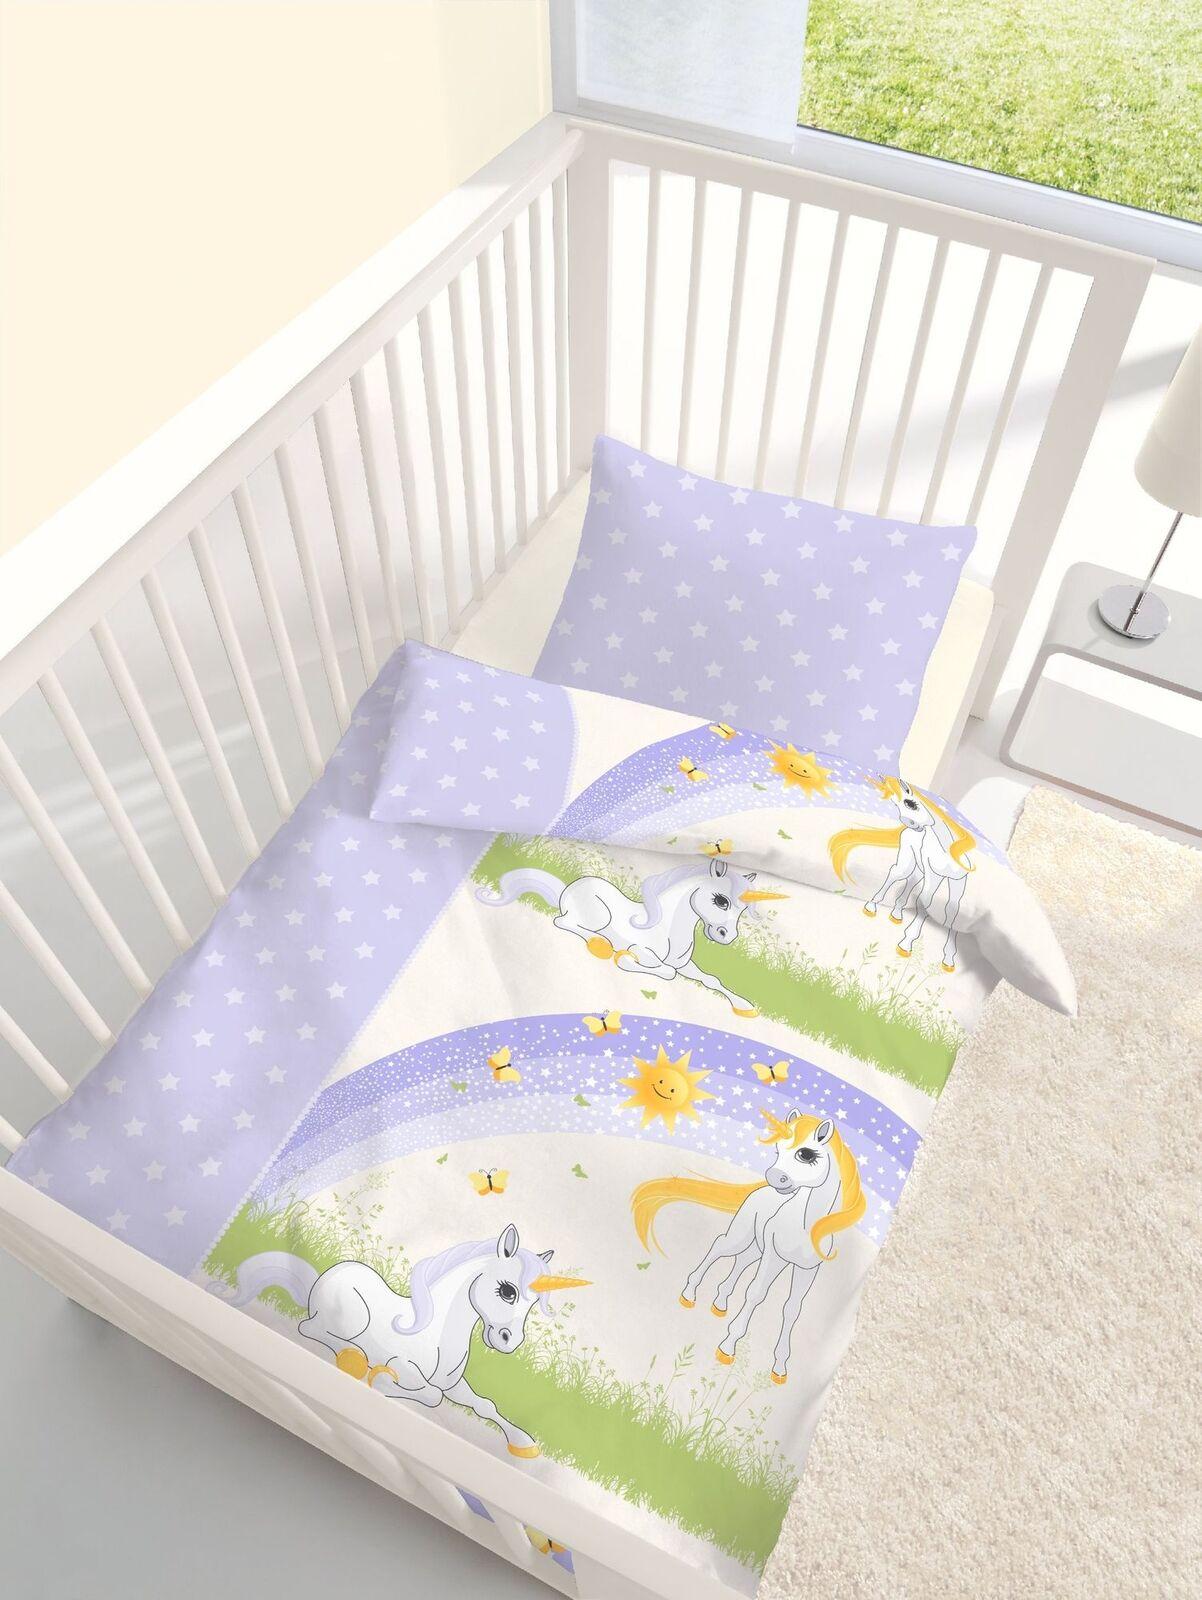 Unicorn Einhorn Baby Bed Linen Set 100x135 +15 11 16 23 5 8in 100% Cotton